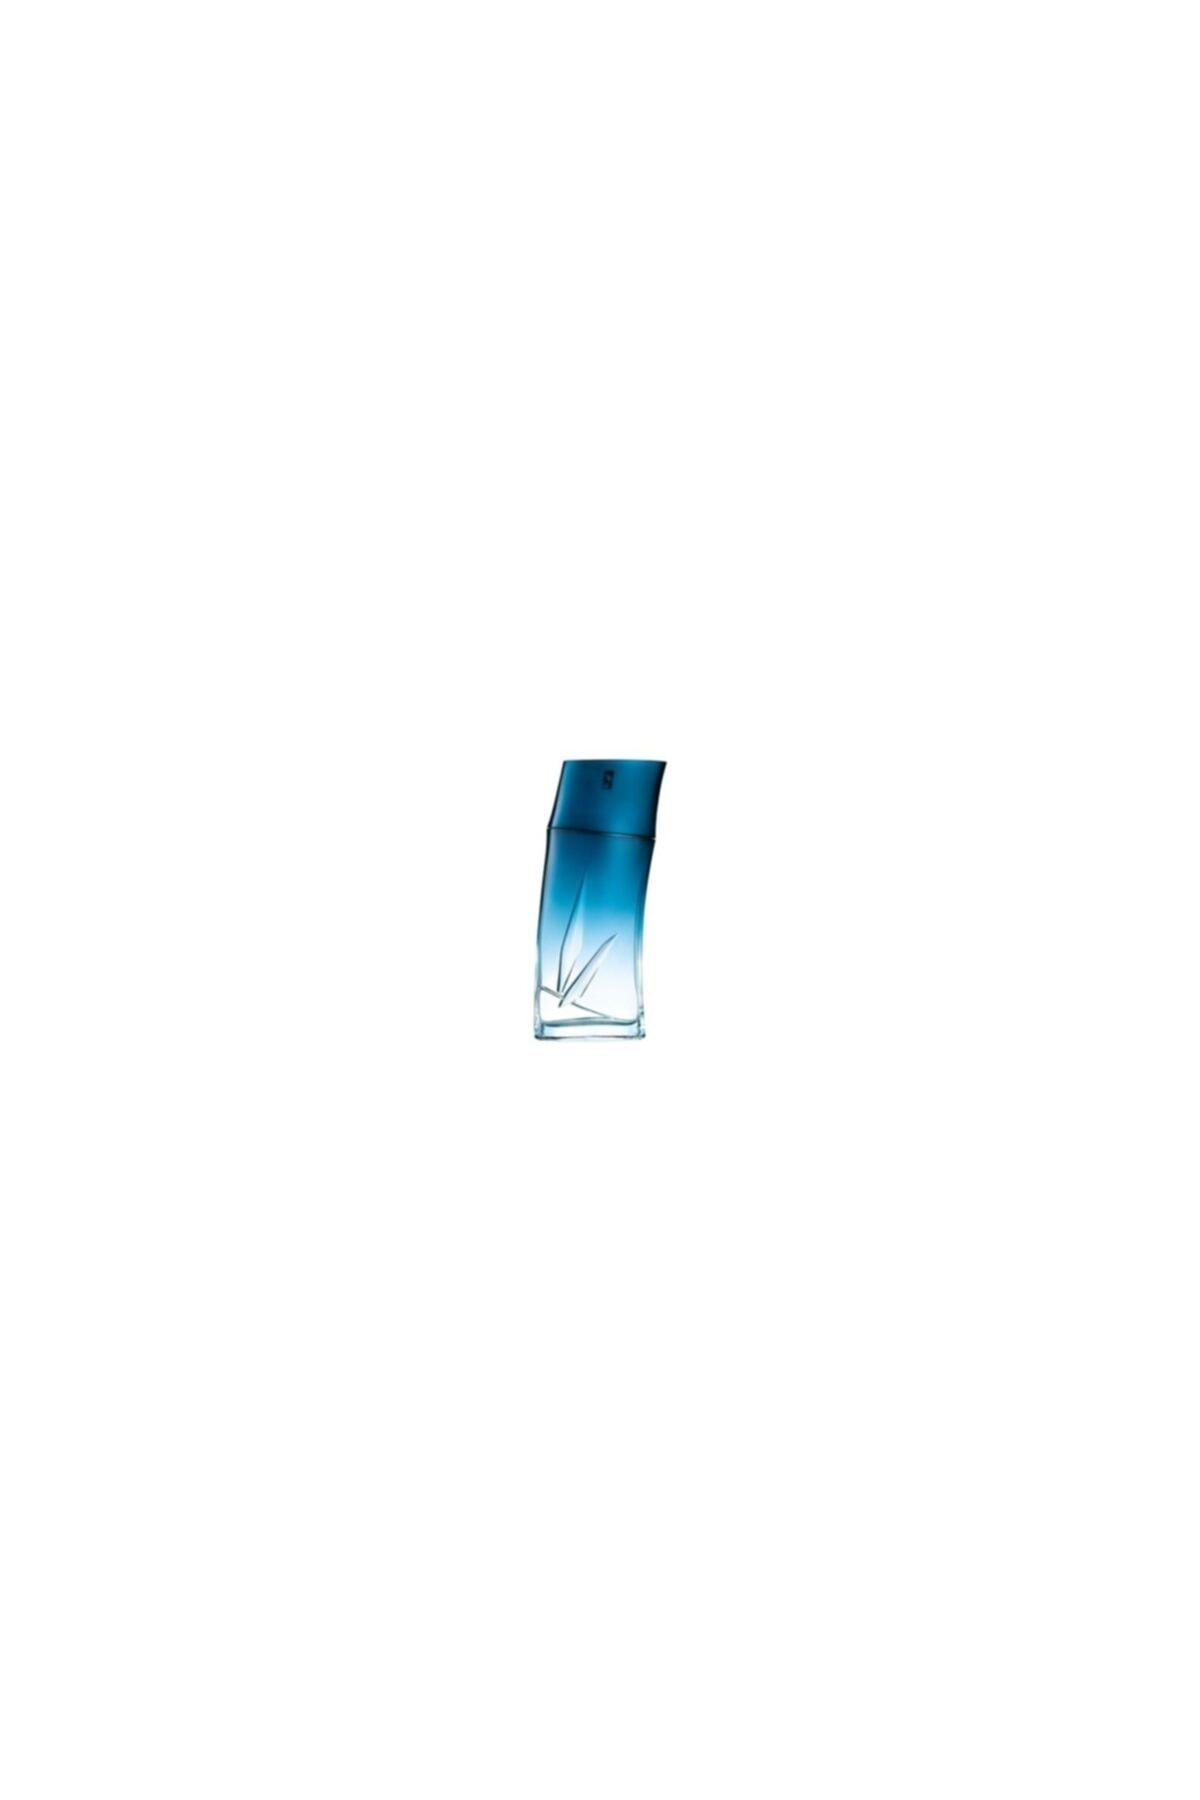 Kenzo Homme Edp 50 ml Erkek Parfüm 3274872323612 2